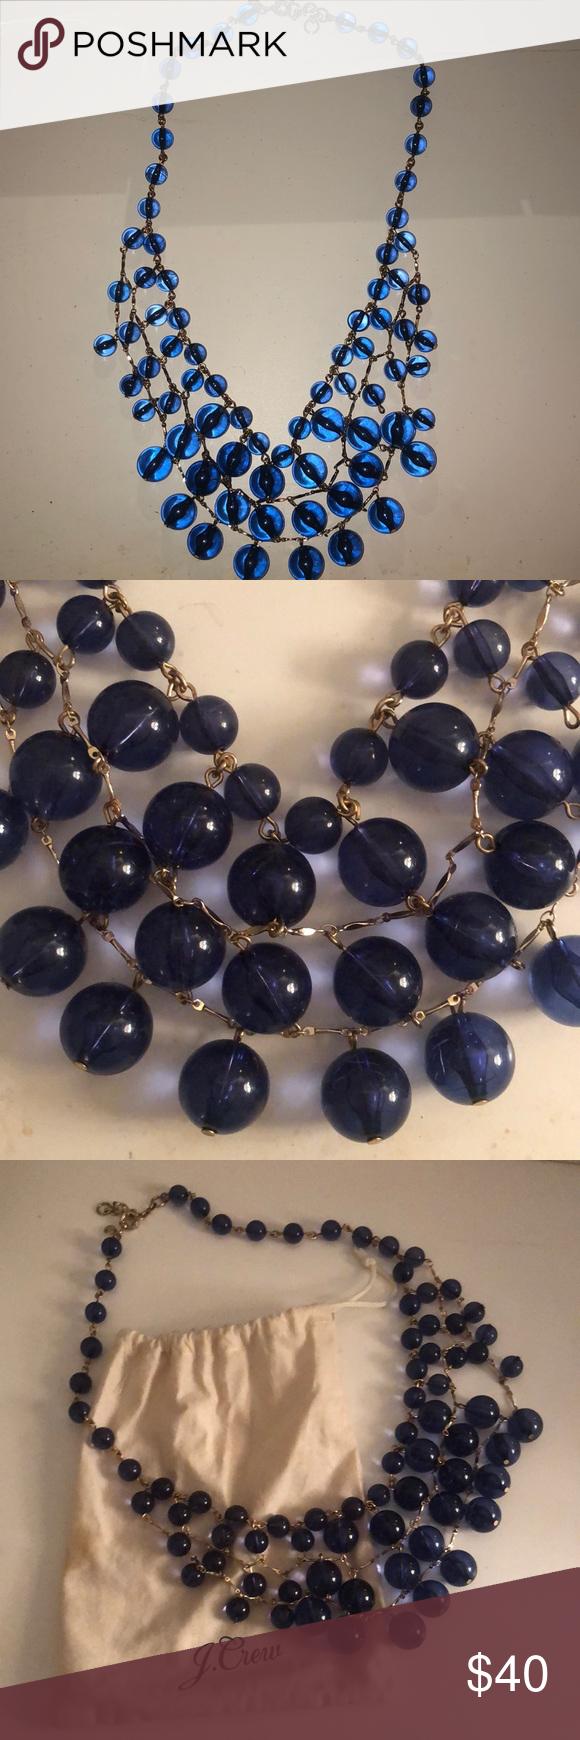 J.Crew Statement Necklace J.Crew Statement Necklace Blue beaded balls J. Crew Jewelry Necklaces